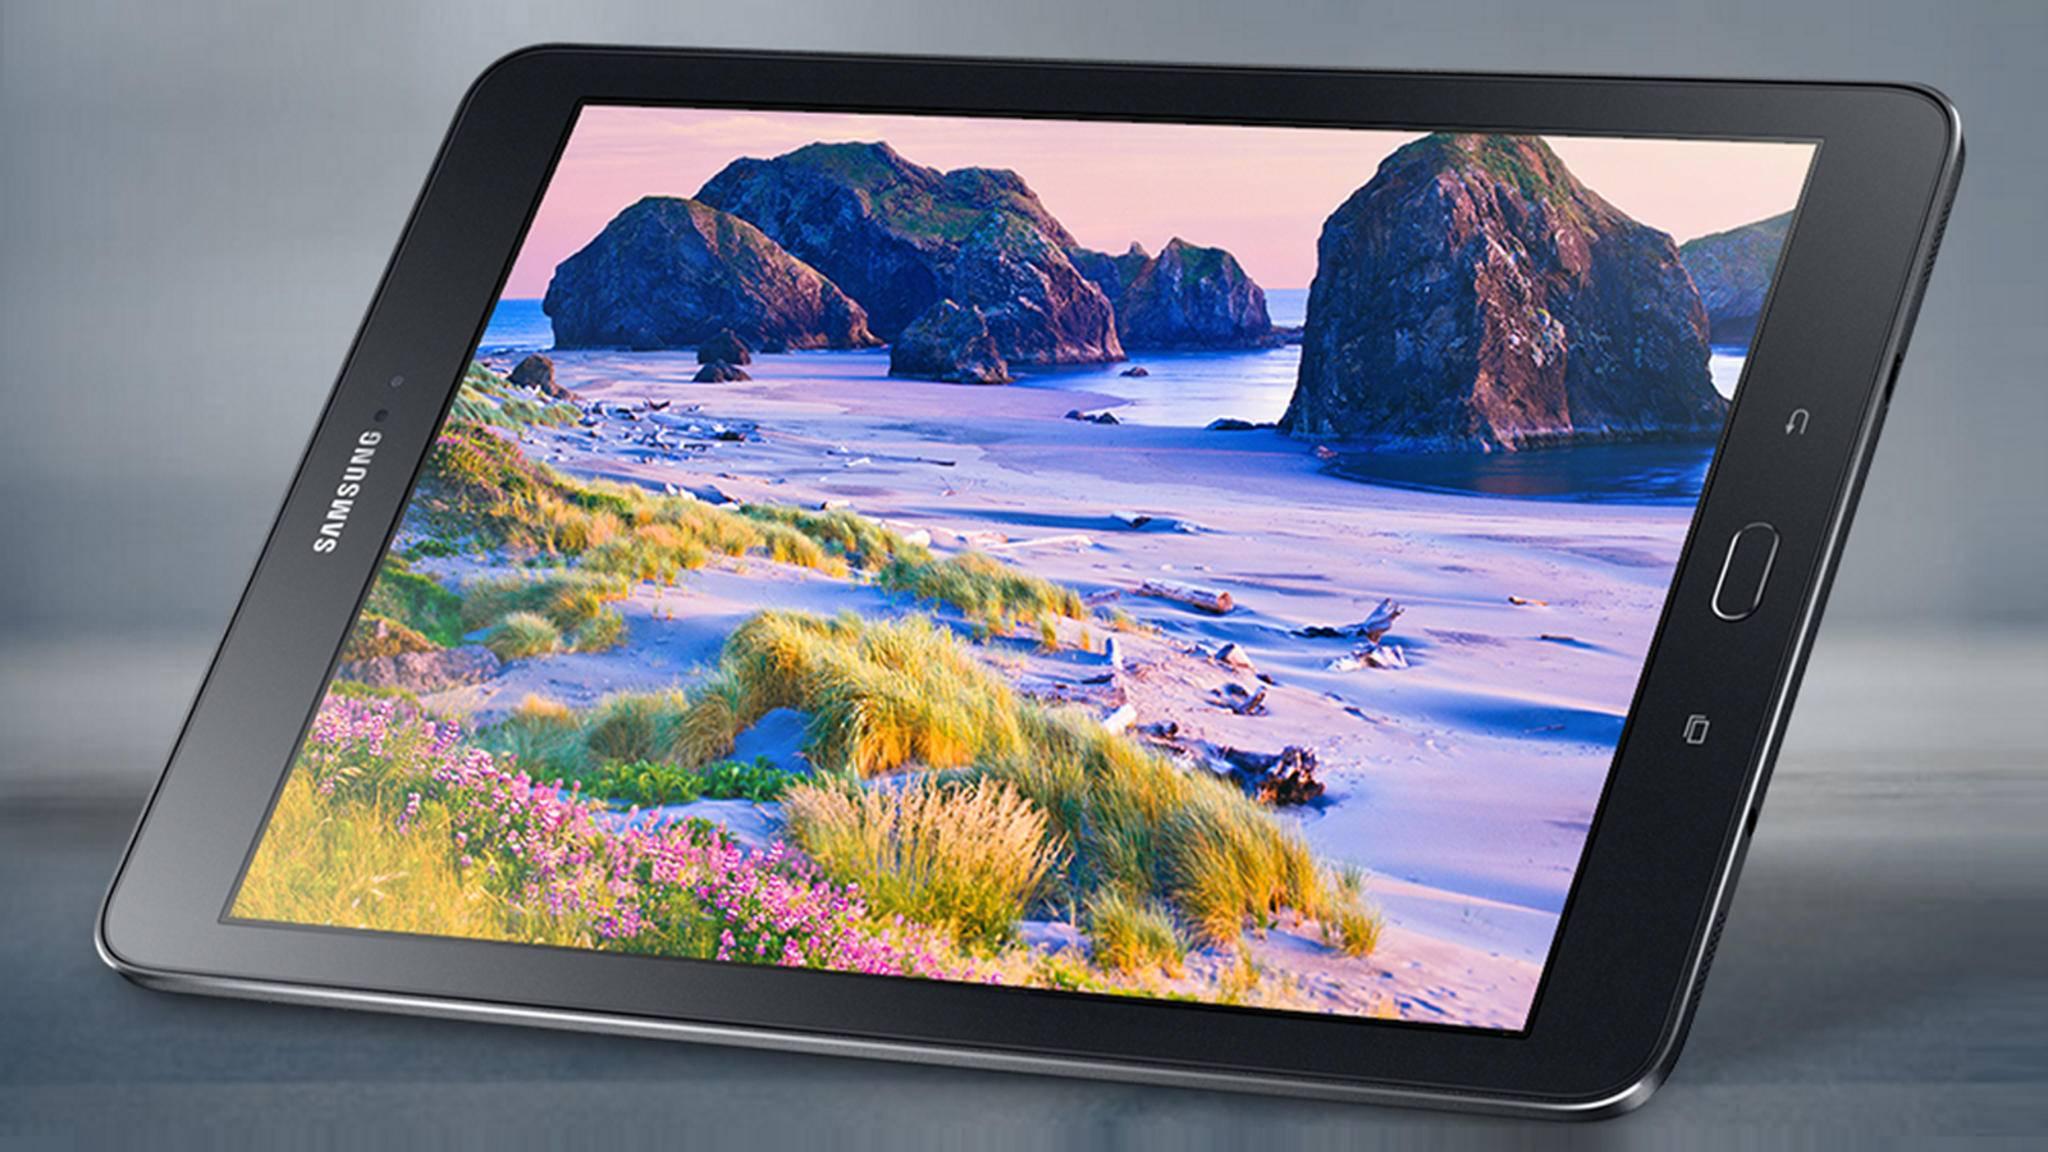 Den Tablet-Akku kannst Du selbst nicht tauschen, das übernehmen Werkstätten.